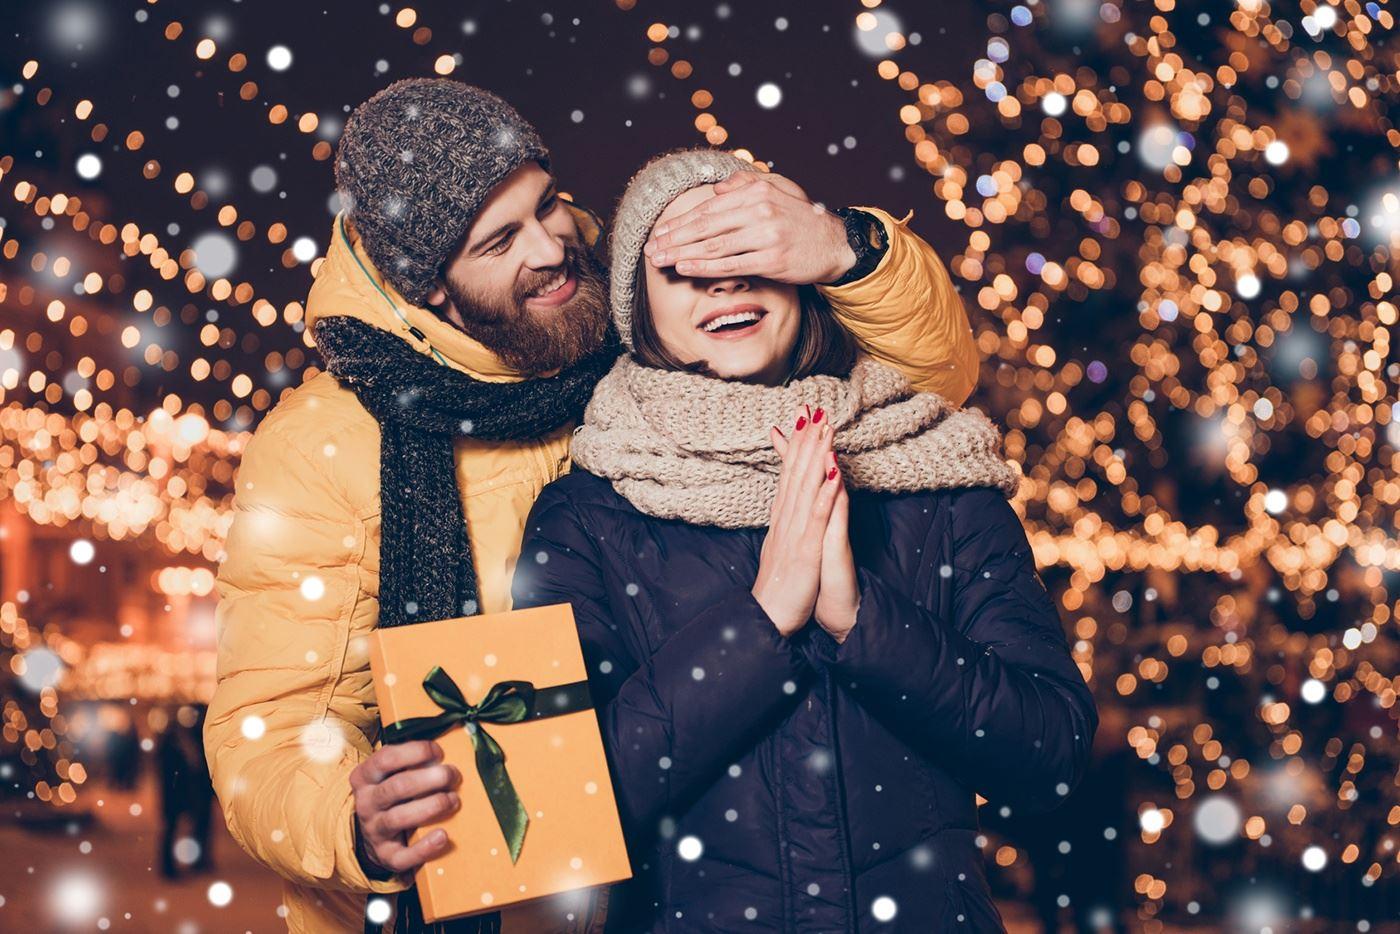 Romantisch cadeau